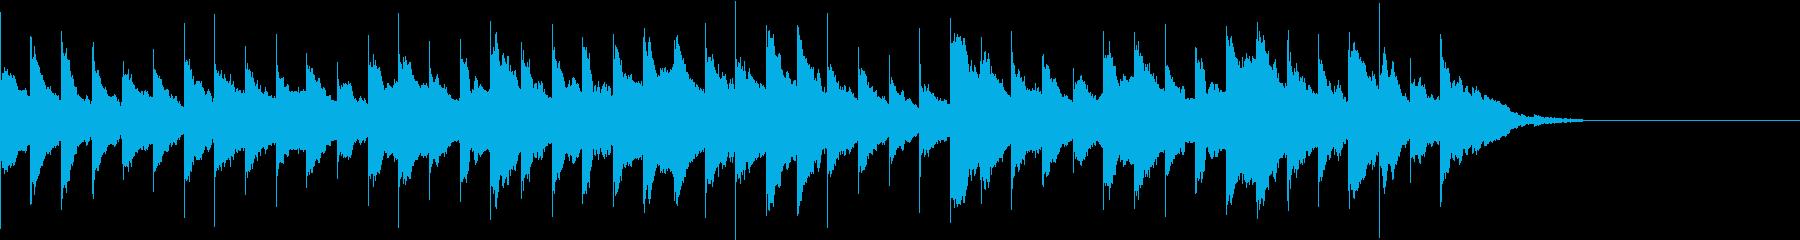 可愛らしい、ほのぼのとしたオルゴール曲の再生済みの波形